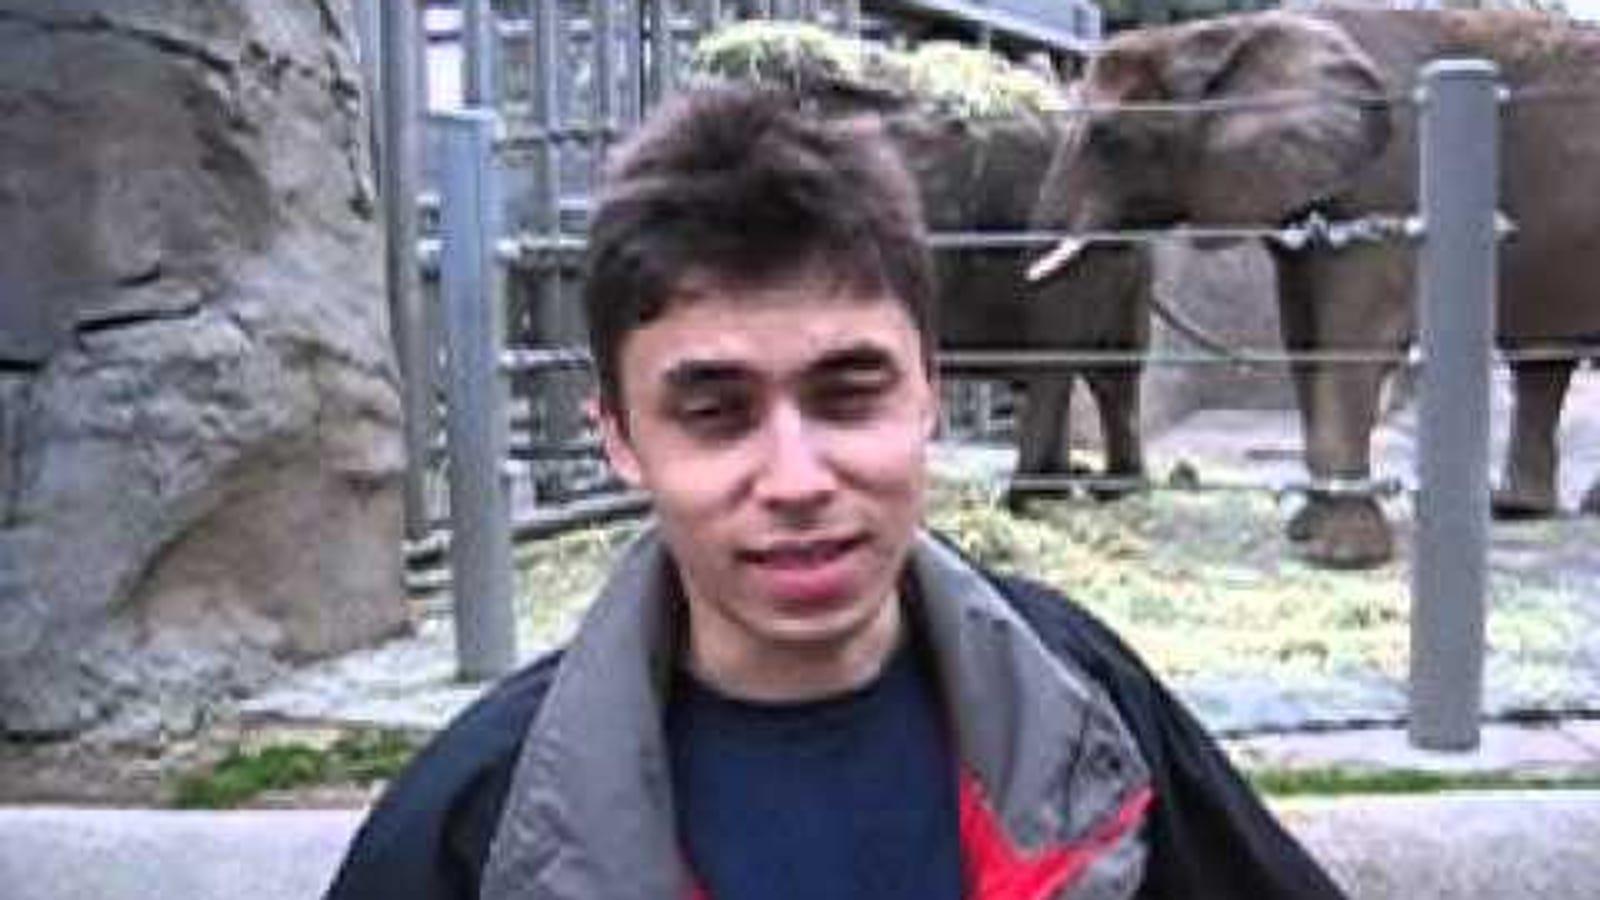 Hace 10 años, este vídeo marcó el inicio de YouTube